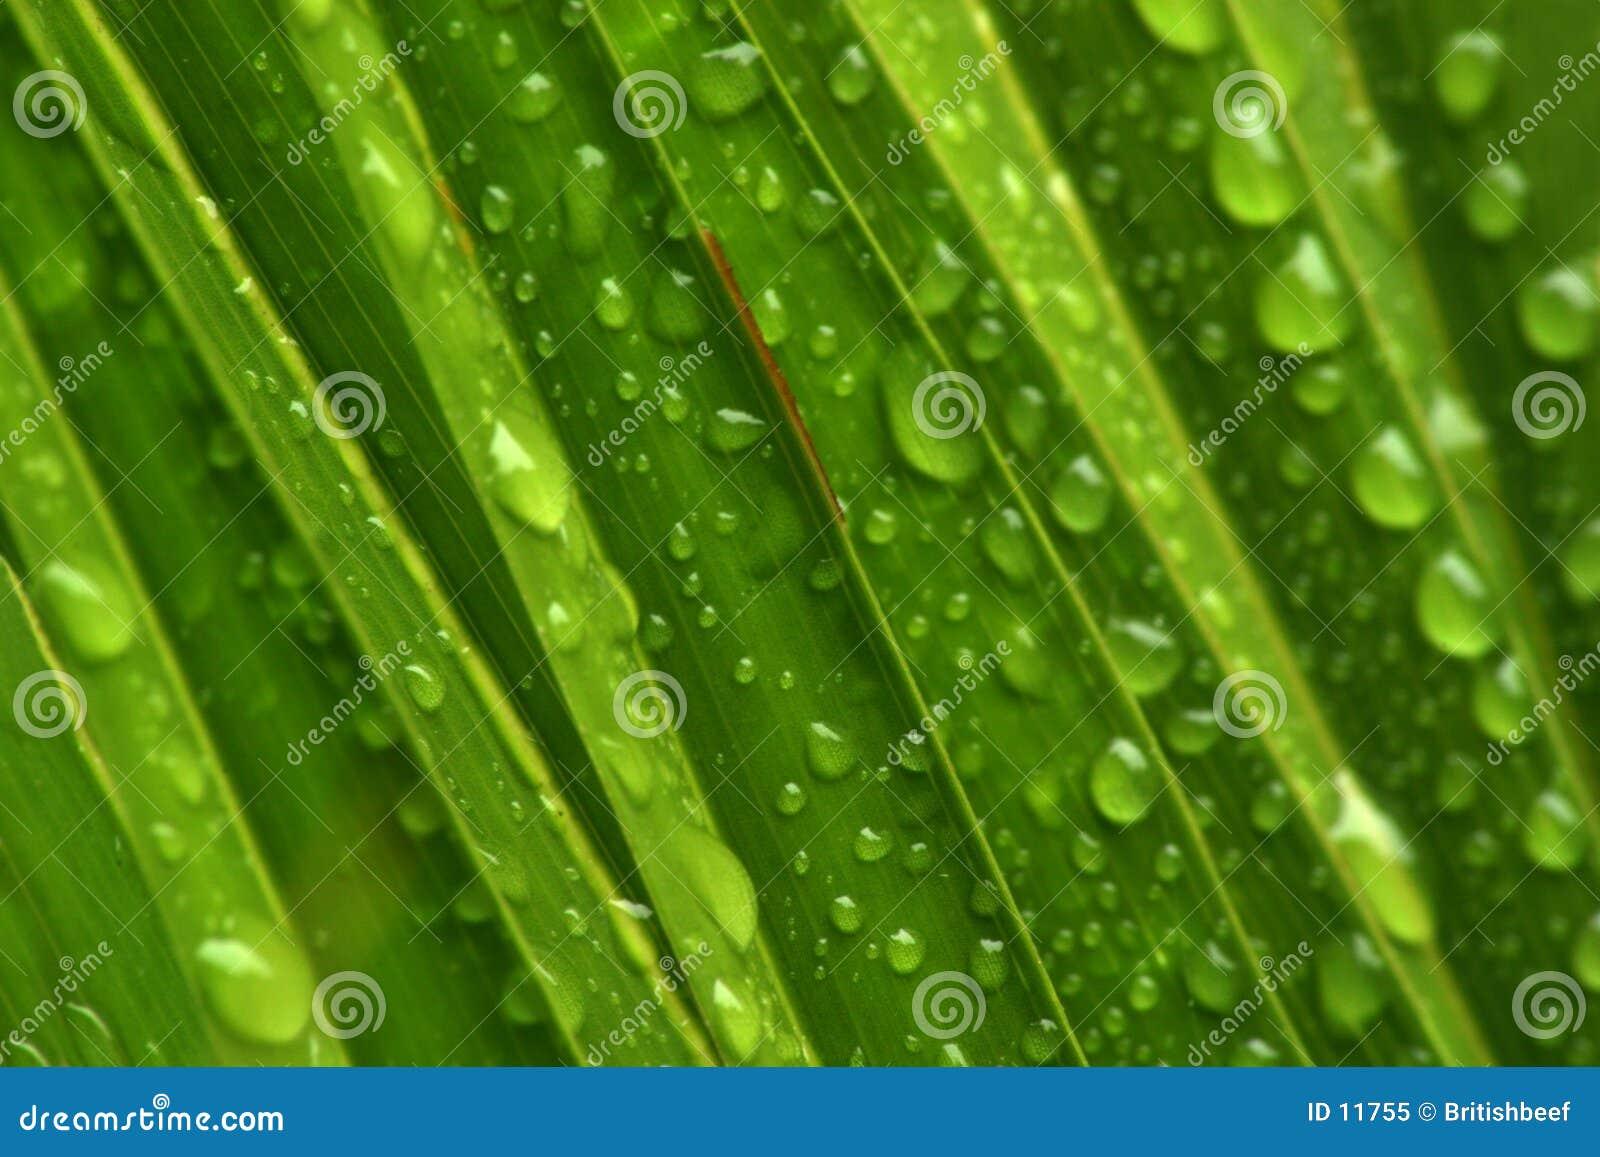 小滴绿色水